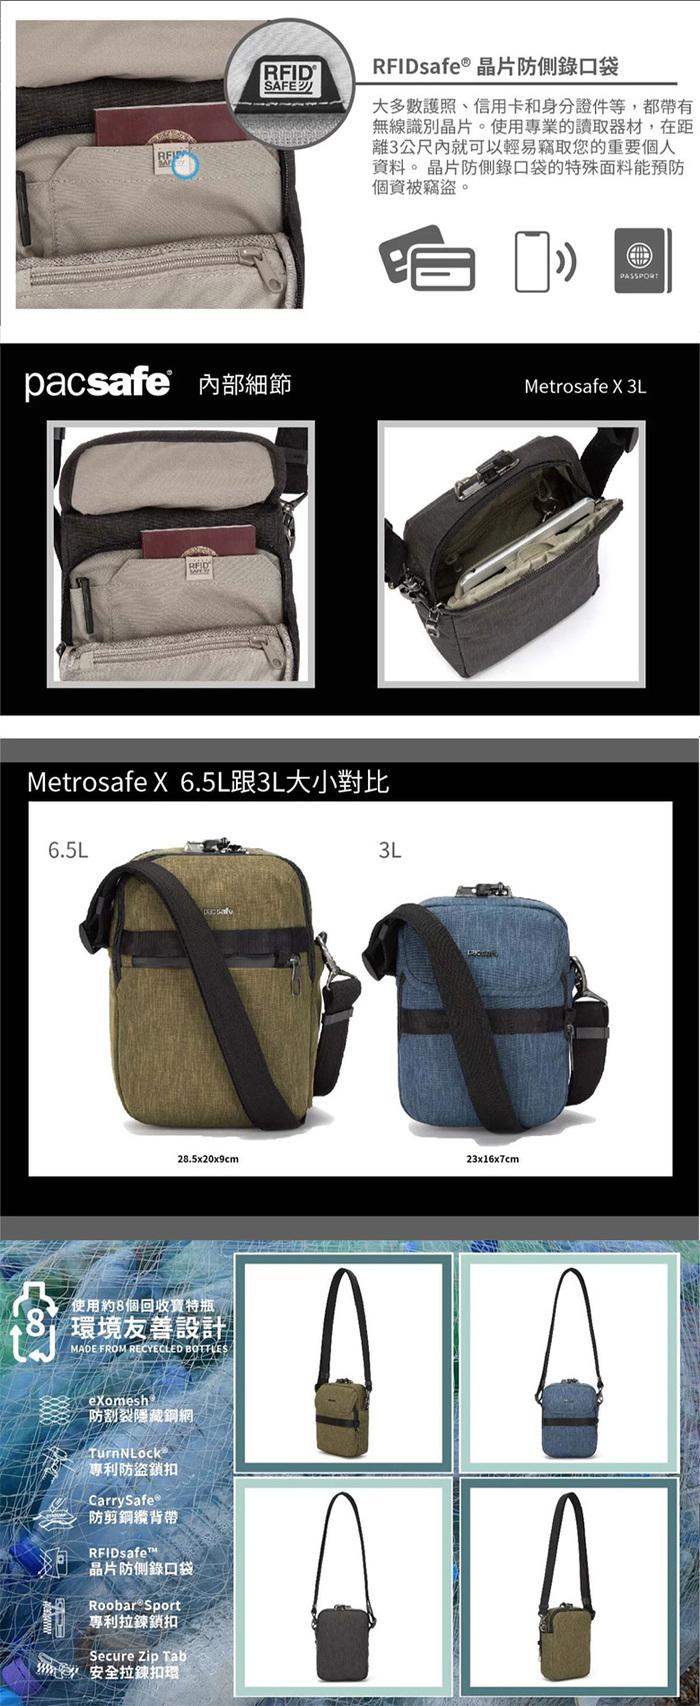 (複製)Pacsafe Metrosafe 都市防盜後背包 LS450(25L)灰色